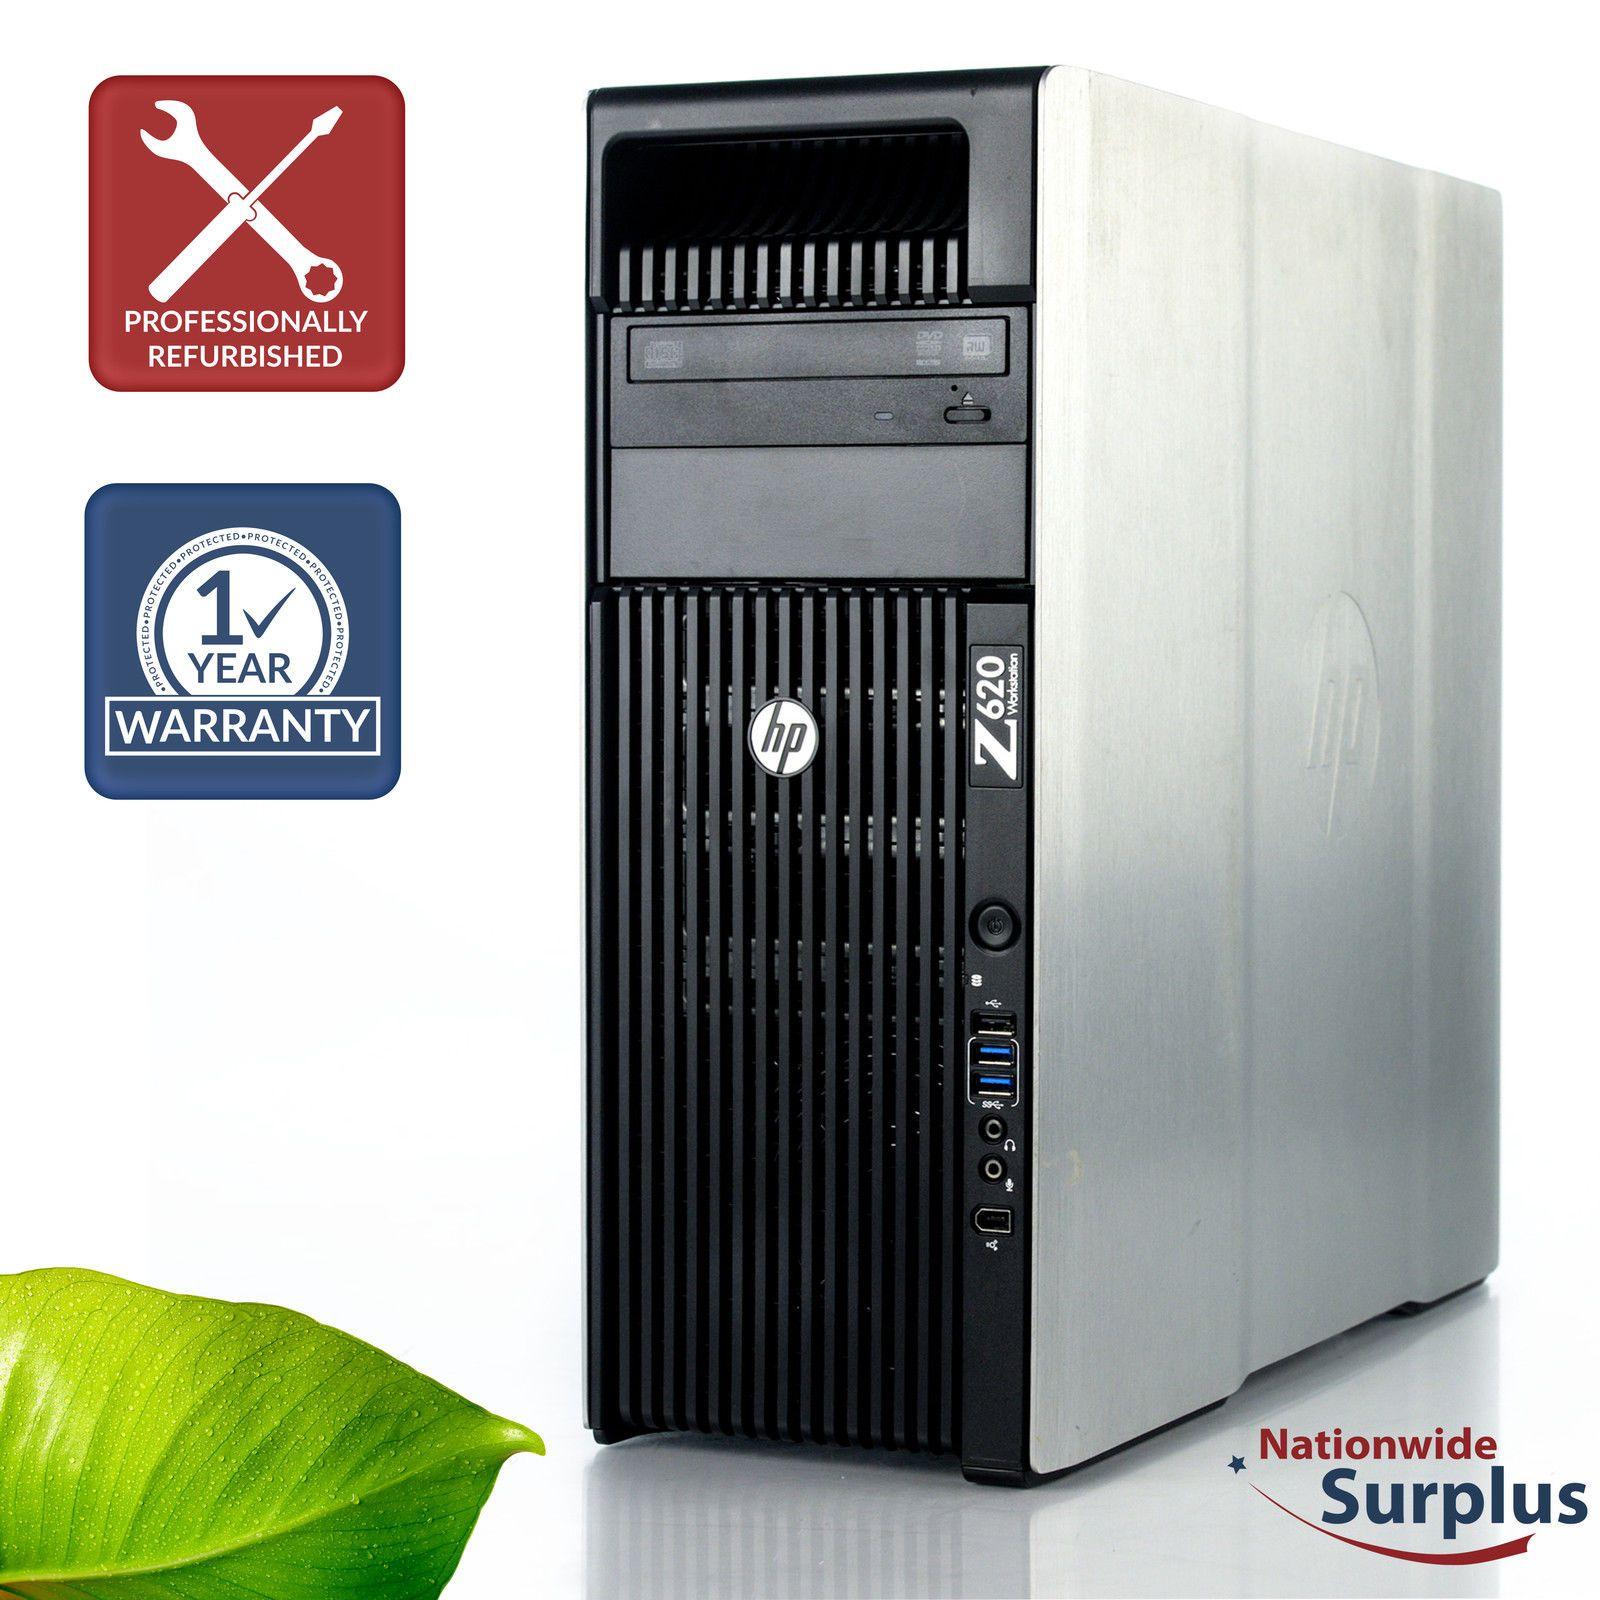 Custom Build HP Z620 Workstation 2x Xeon E5-2603 1 8GHz